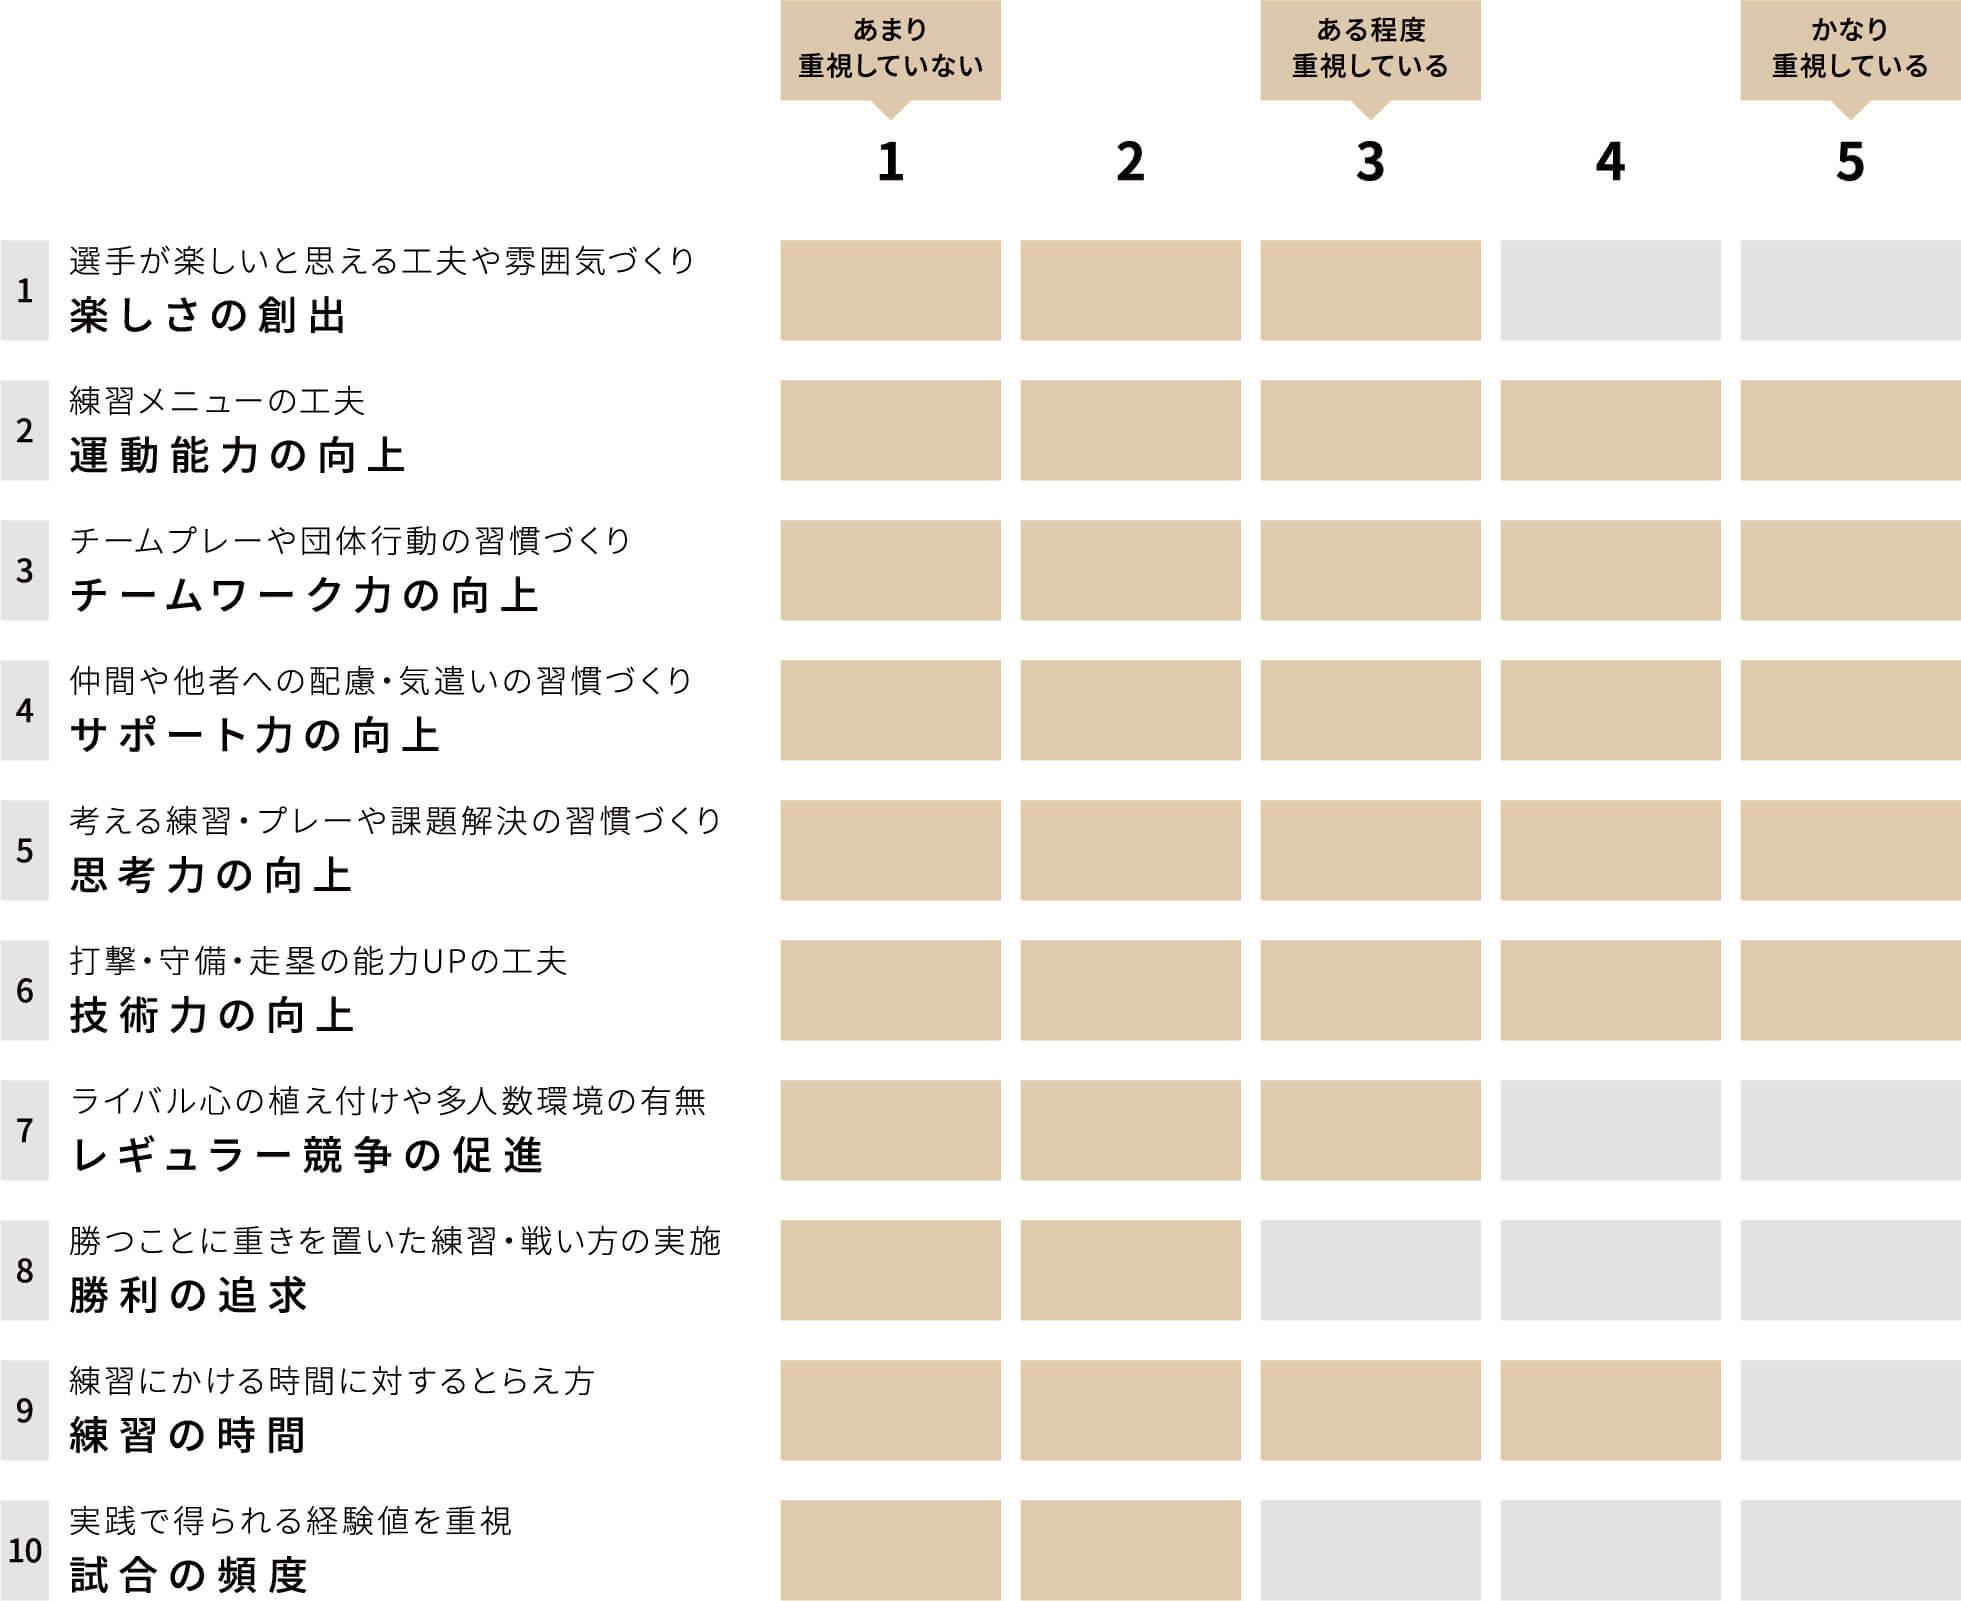 静岡ブレーブス チーム重視グラフ